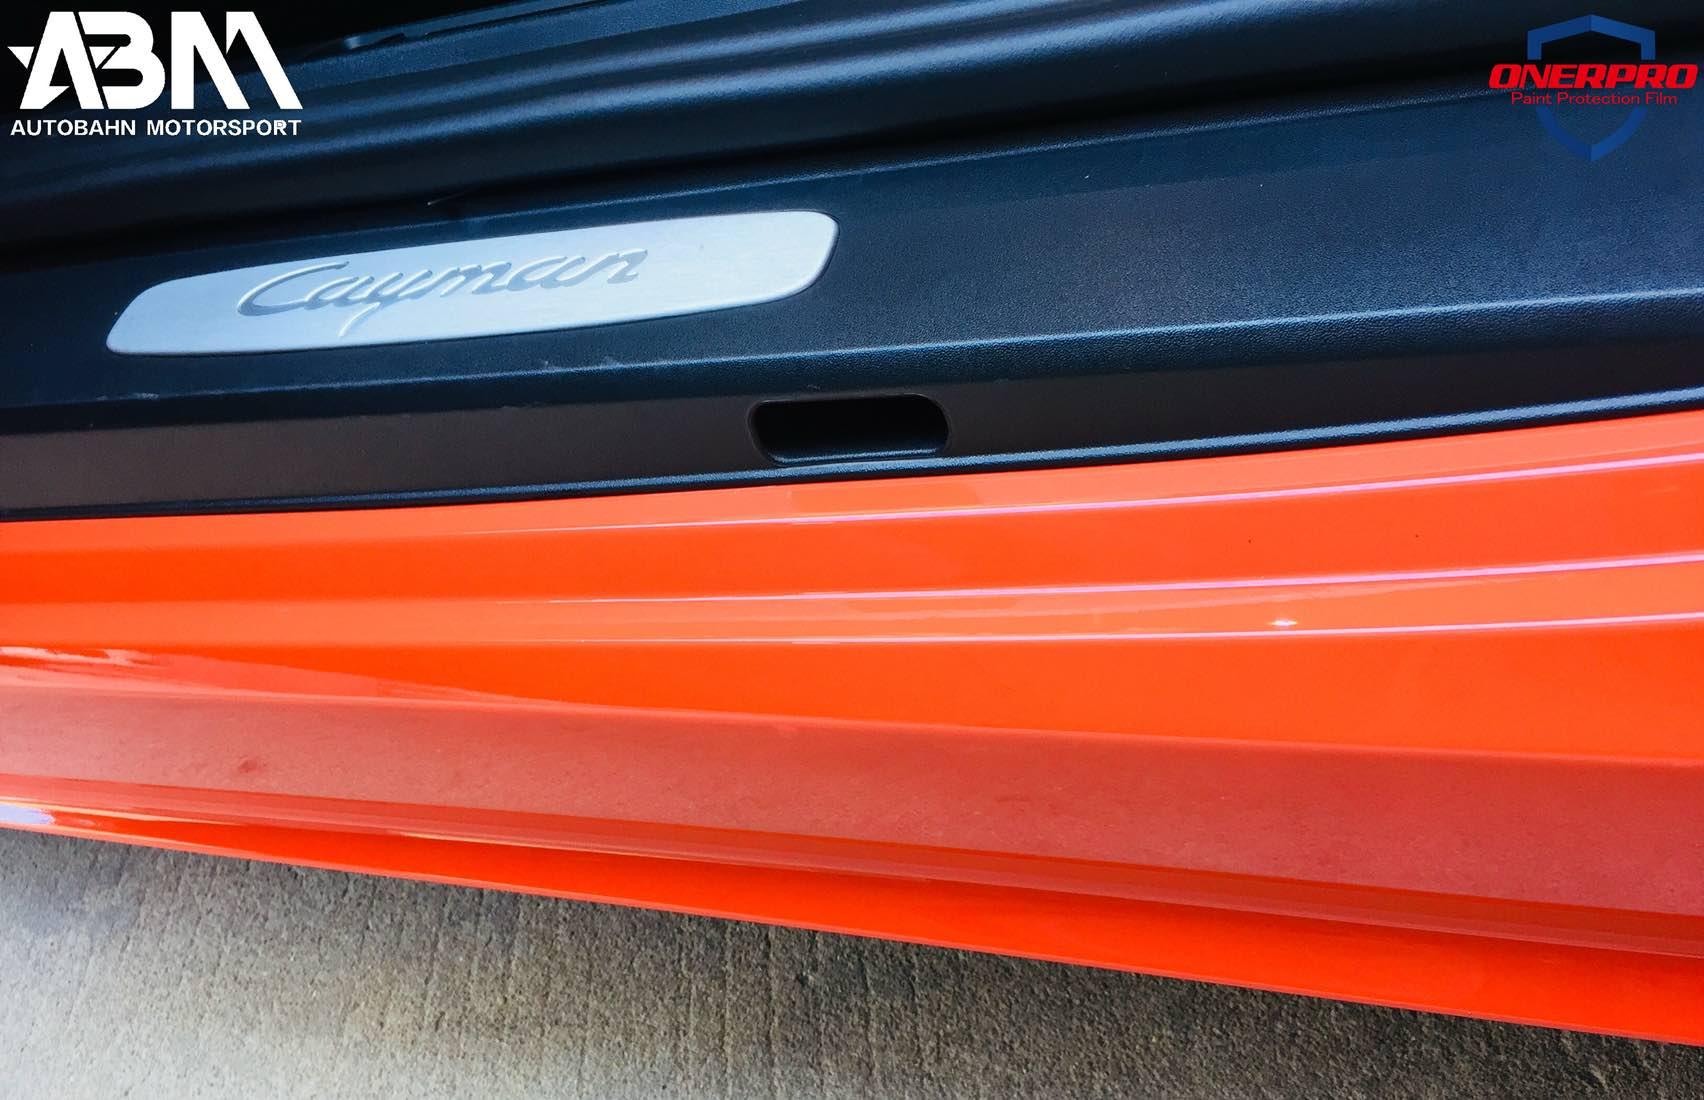 保時捷 718 Cayman & iPE exhaust & ONERPRO 諾盾漆面保護膜完工照片